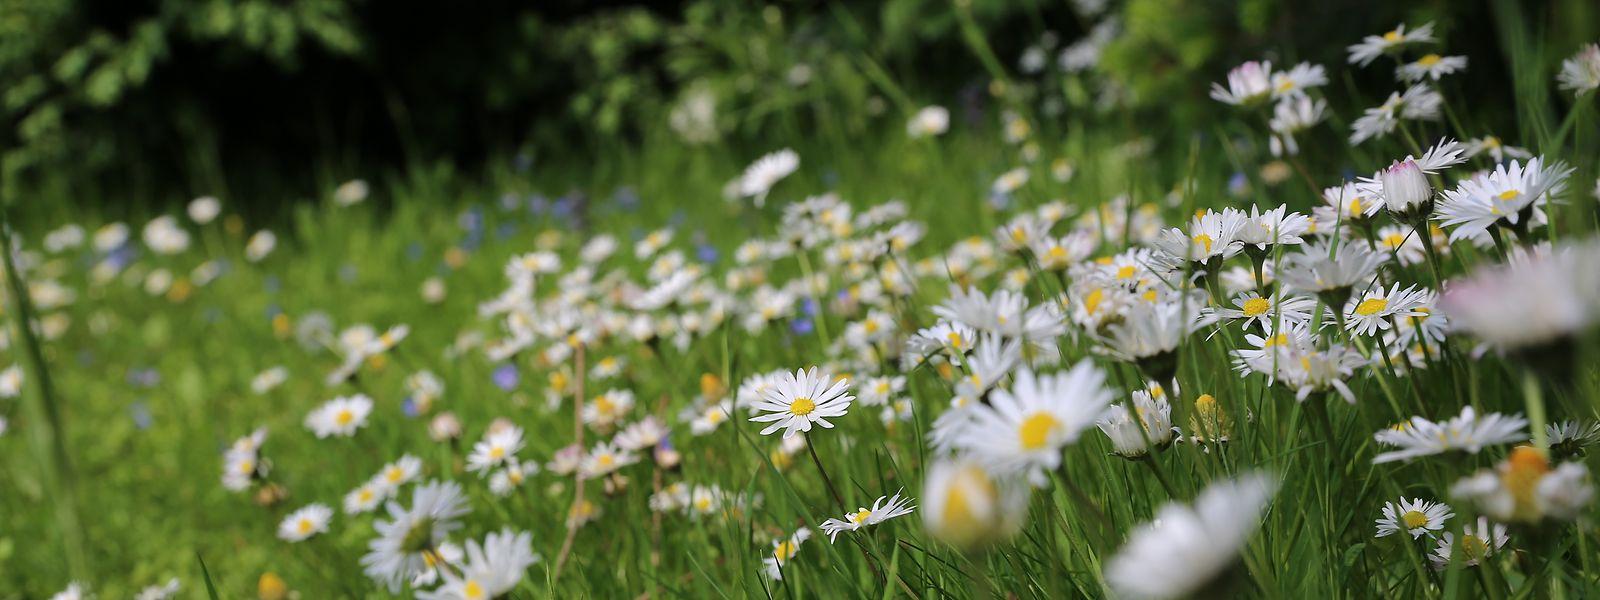 Kräuter- oder Blumenrasen sind ökologisch wertvoll und sehr pflegeleicht.